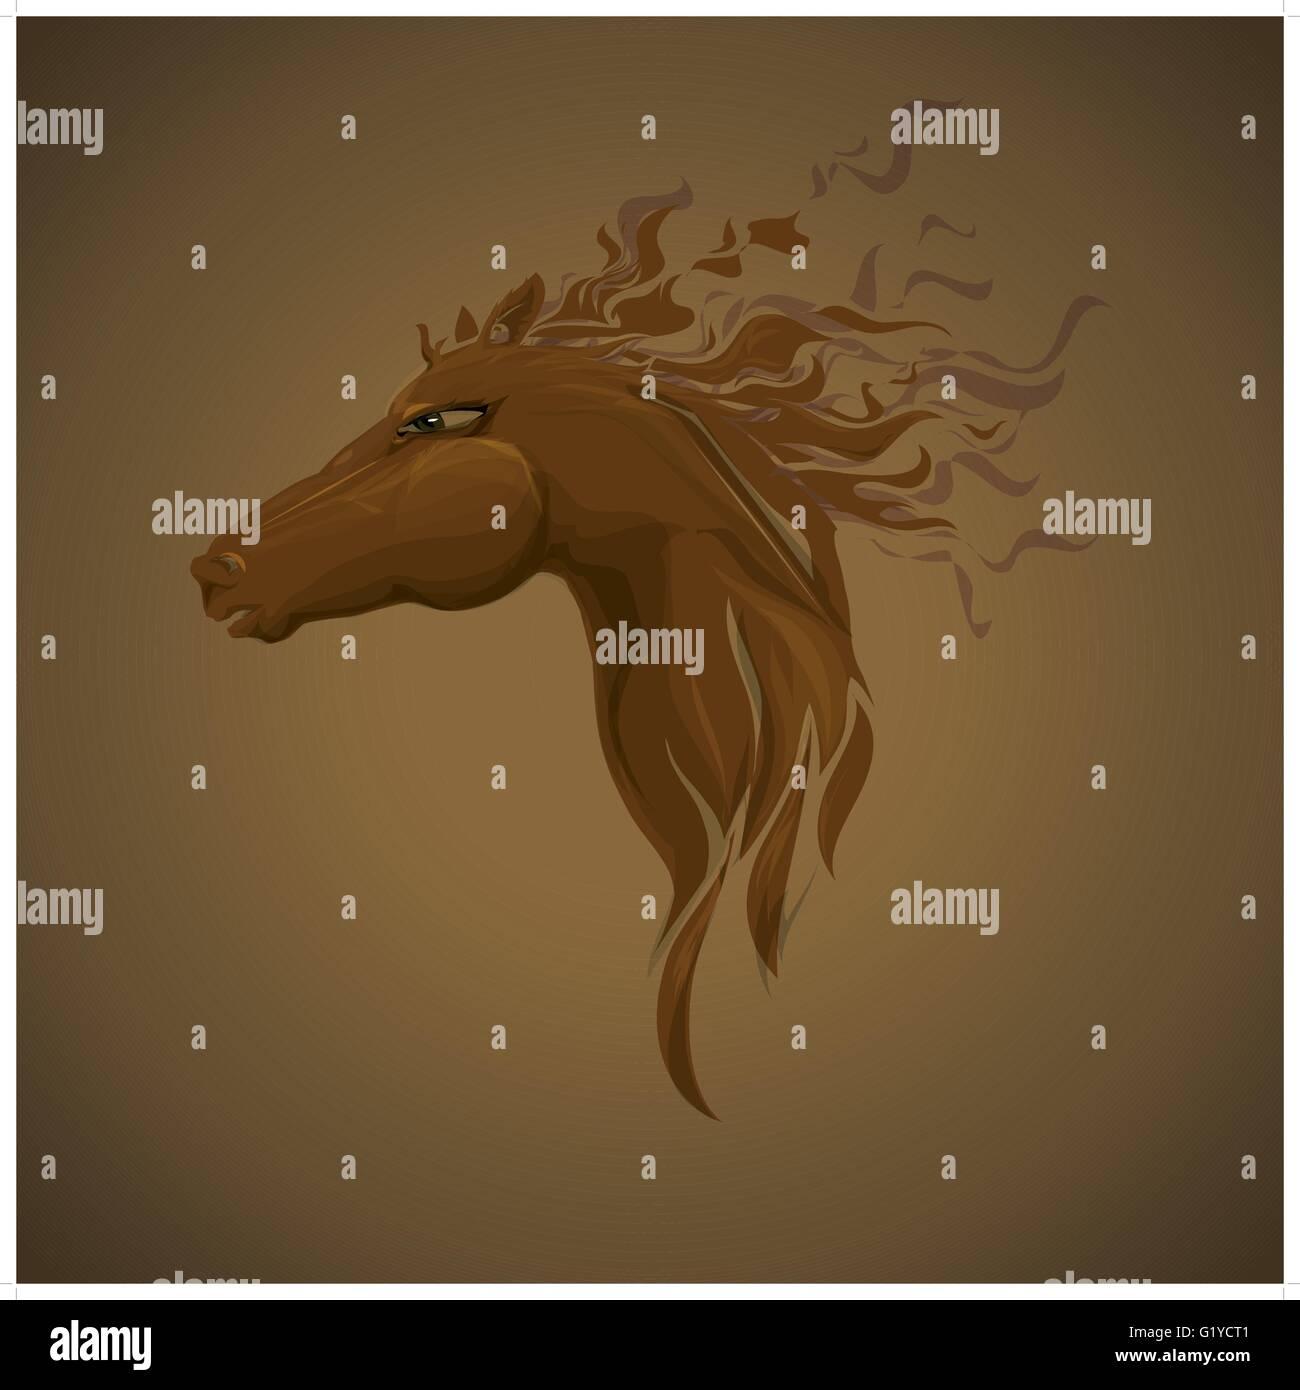 Kopf des Pferdes. Für jedes Design, wie T-shirt Poster usw. Stockbild